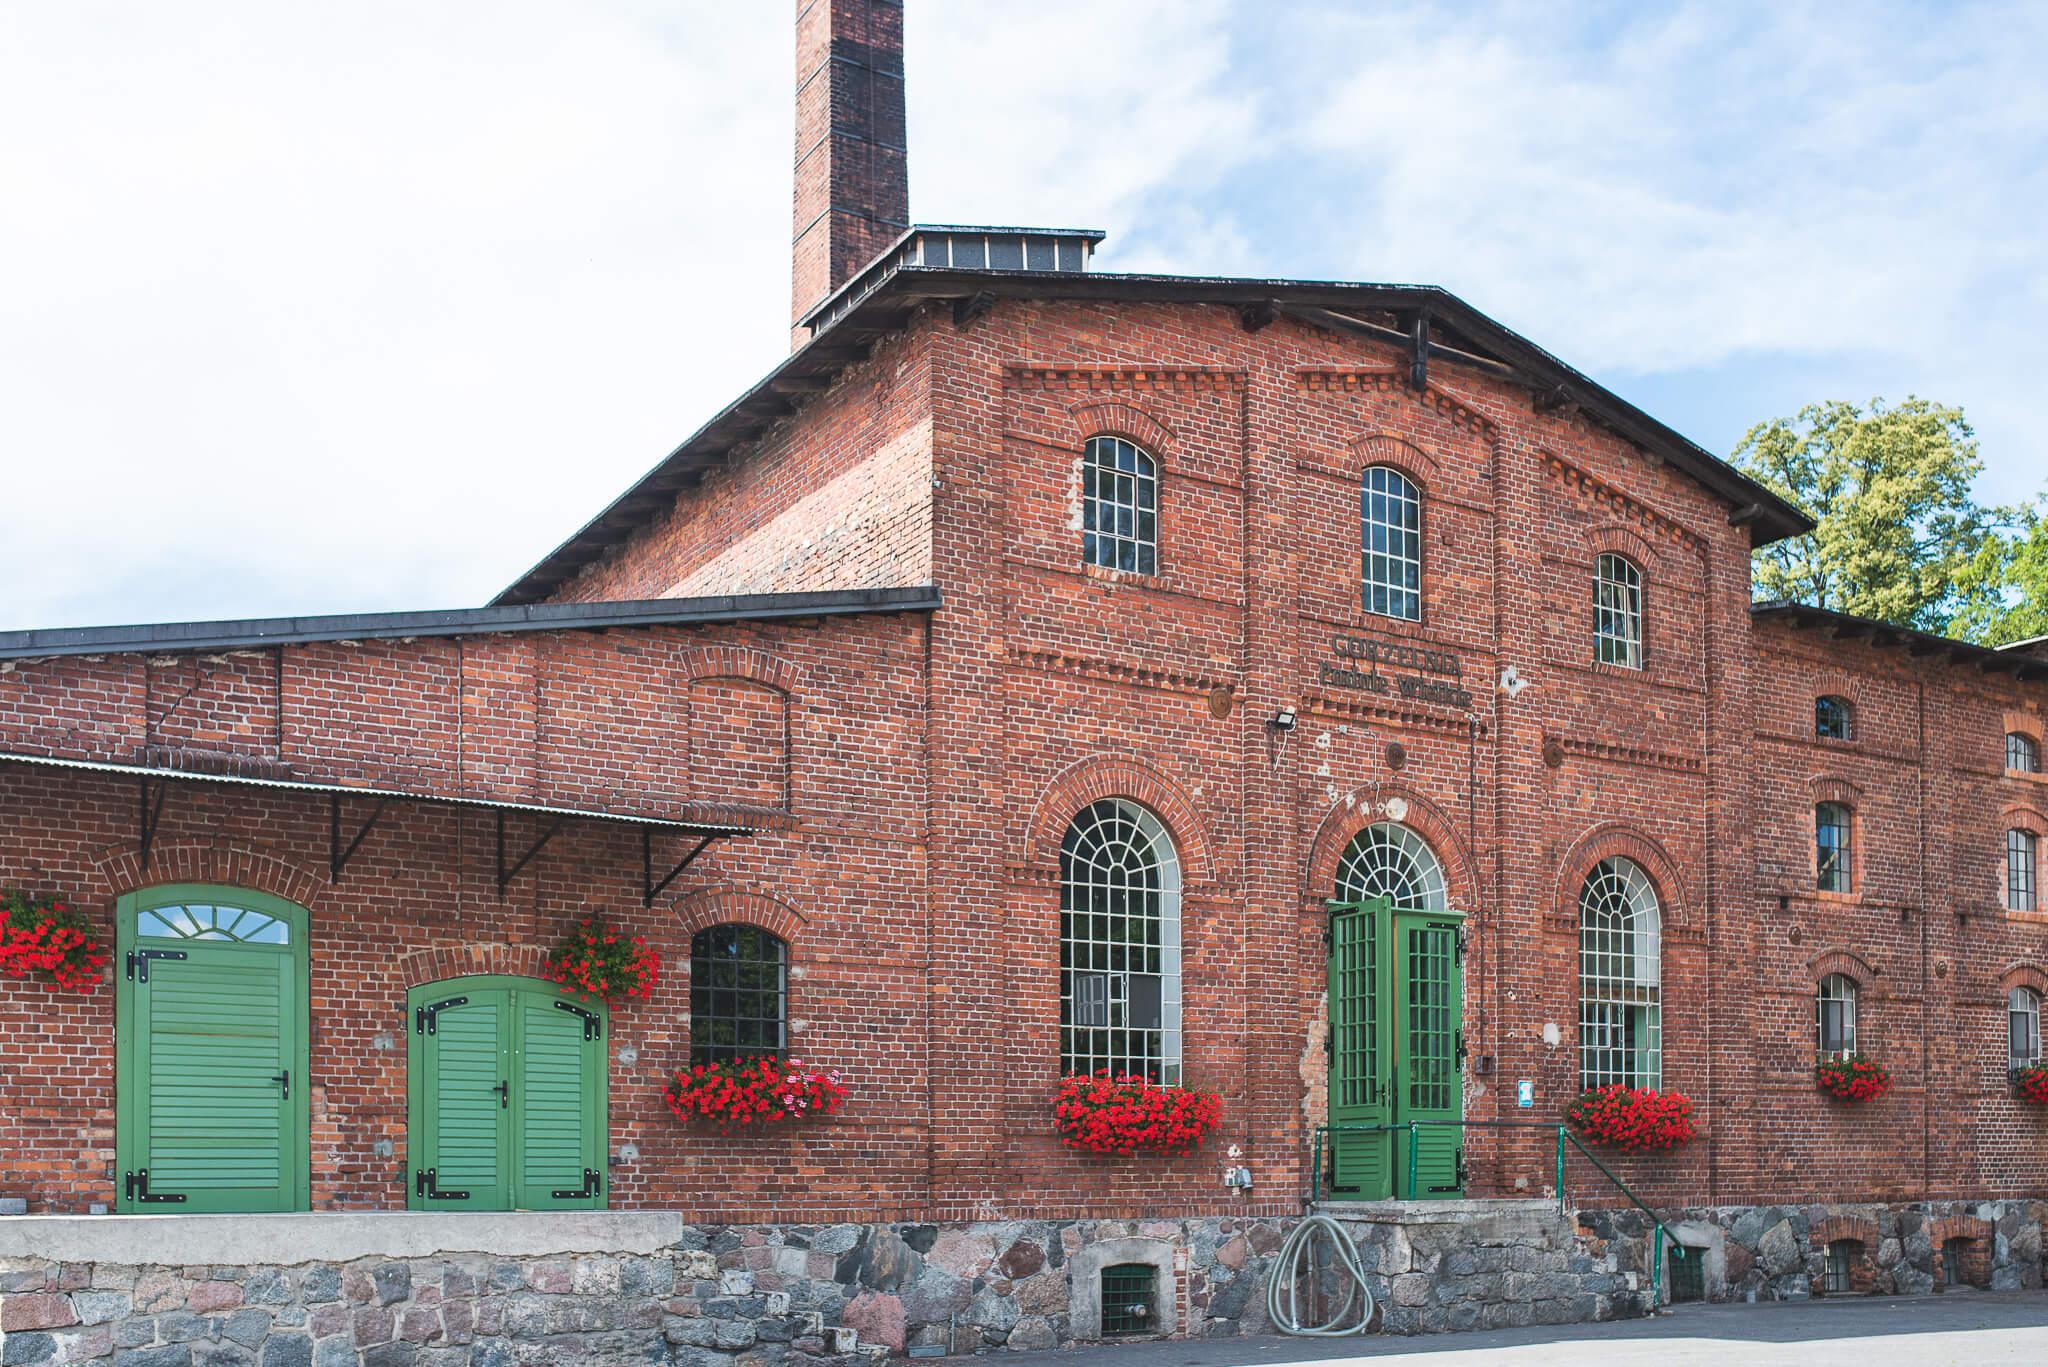 Gorzelnia Podole Wielkie 11 1 - Podole Wielkie. A distillery found on tradition